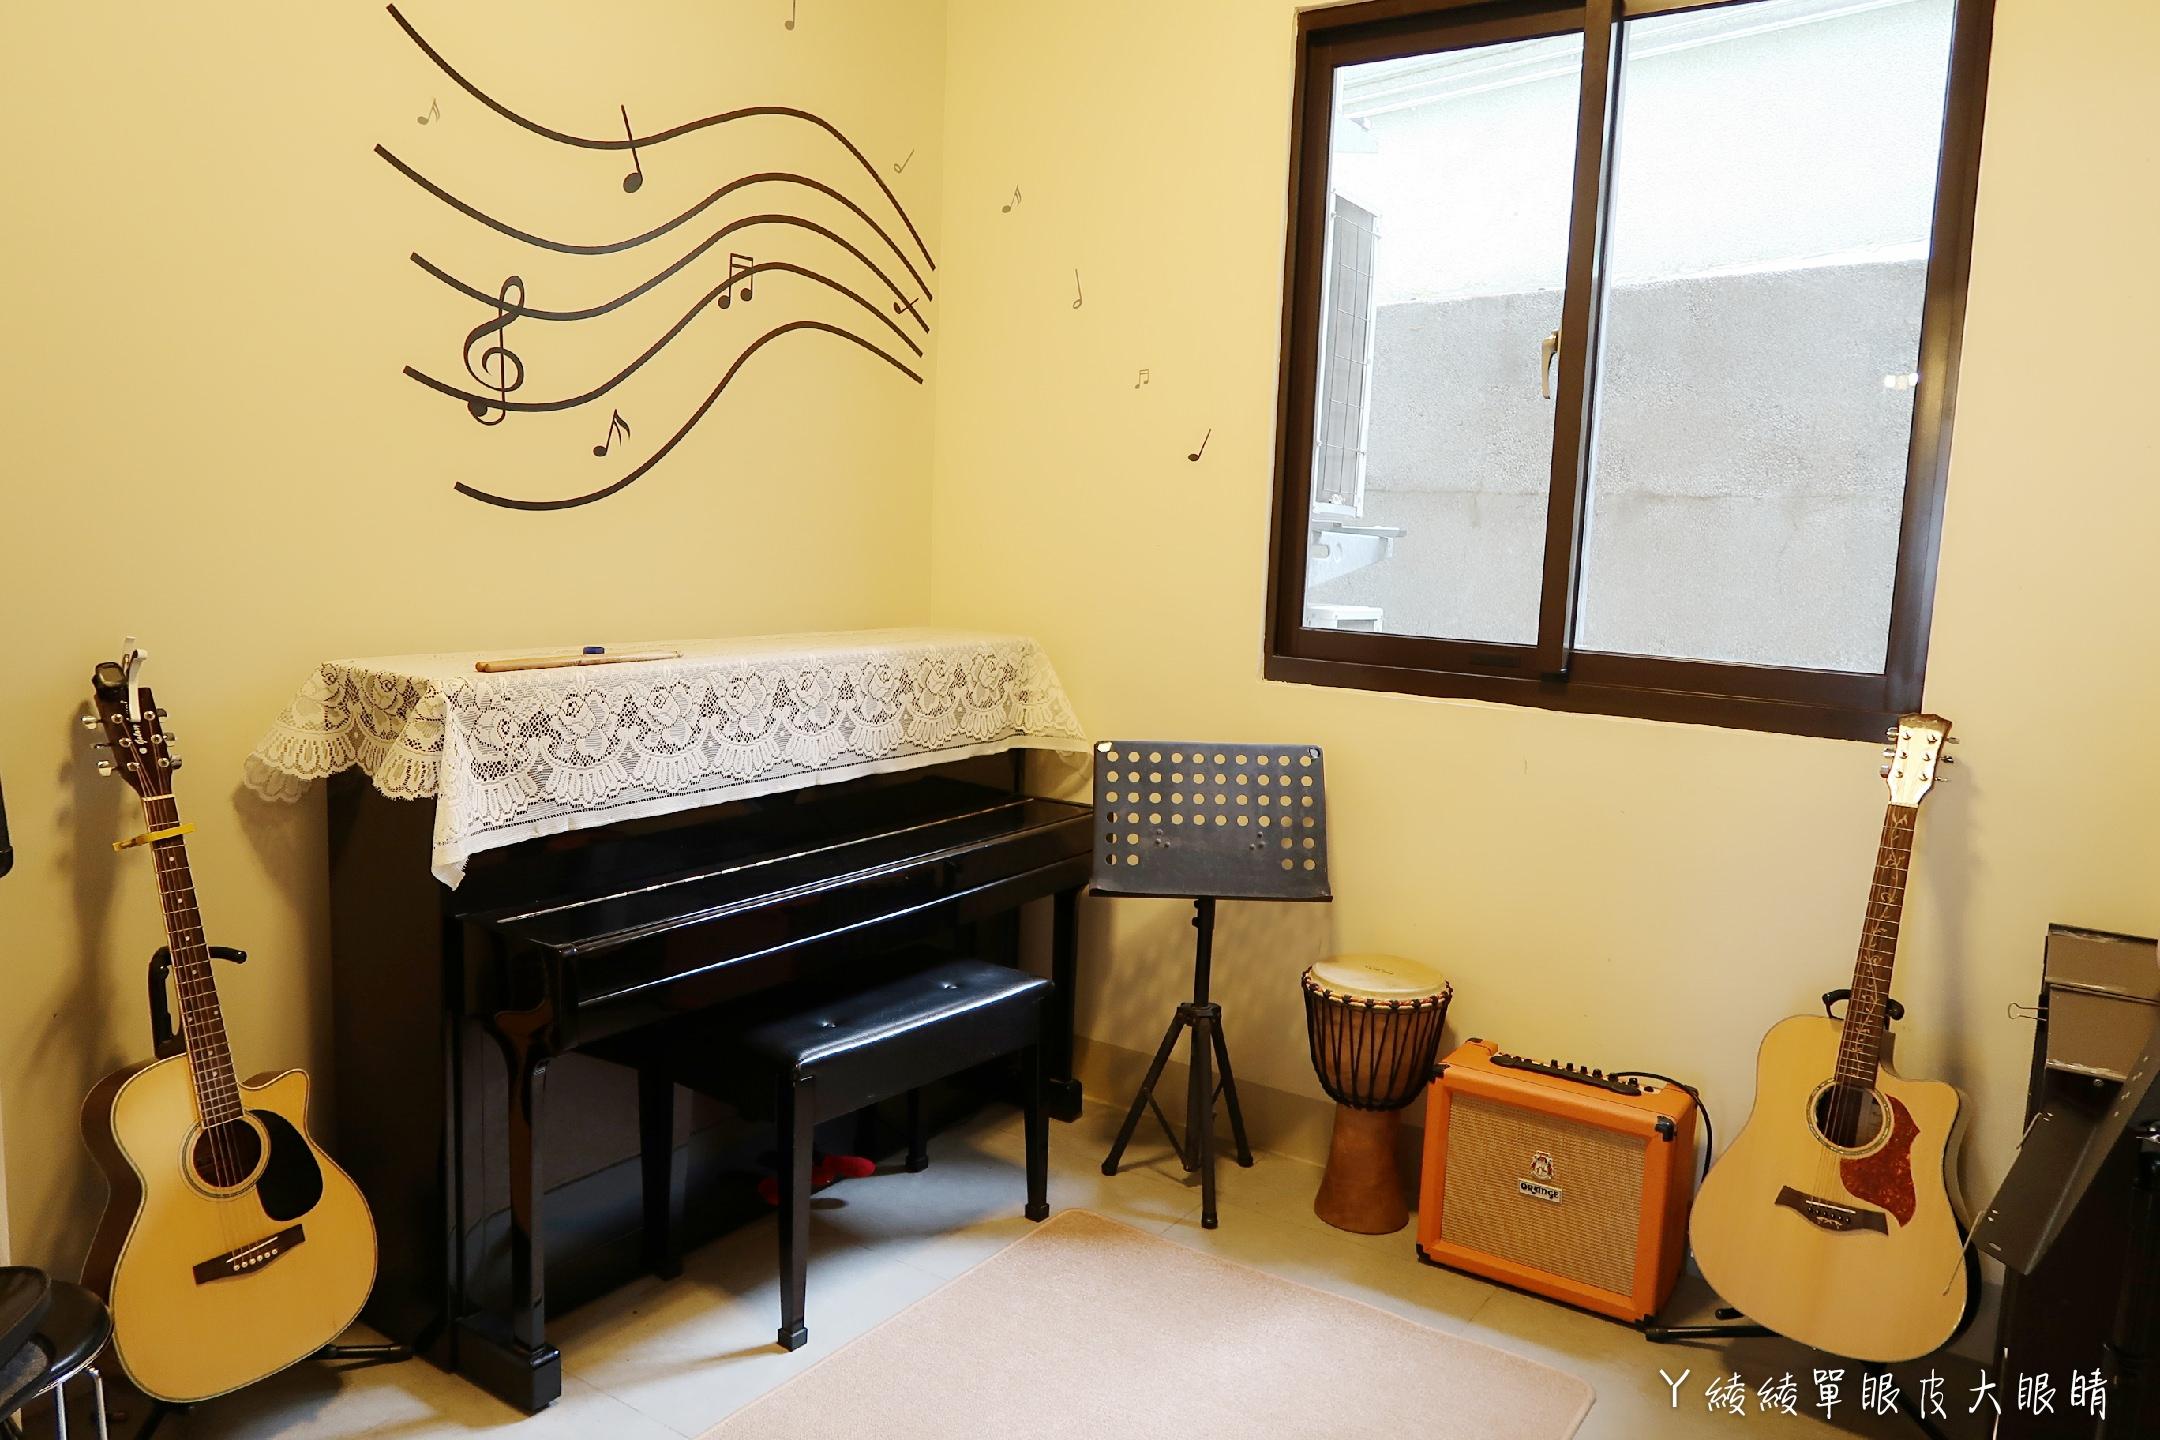 新竹爵士鼓課程推薦|Studio Neo 9,巨城附近音樂工作室